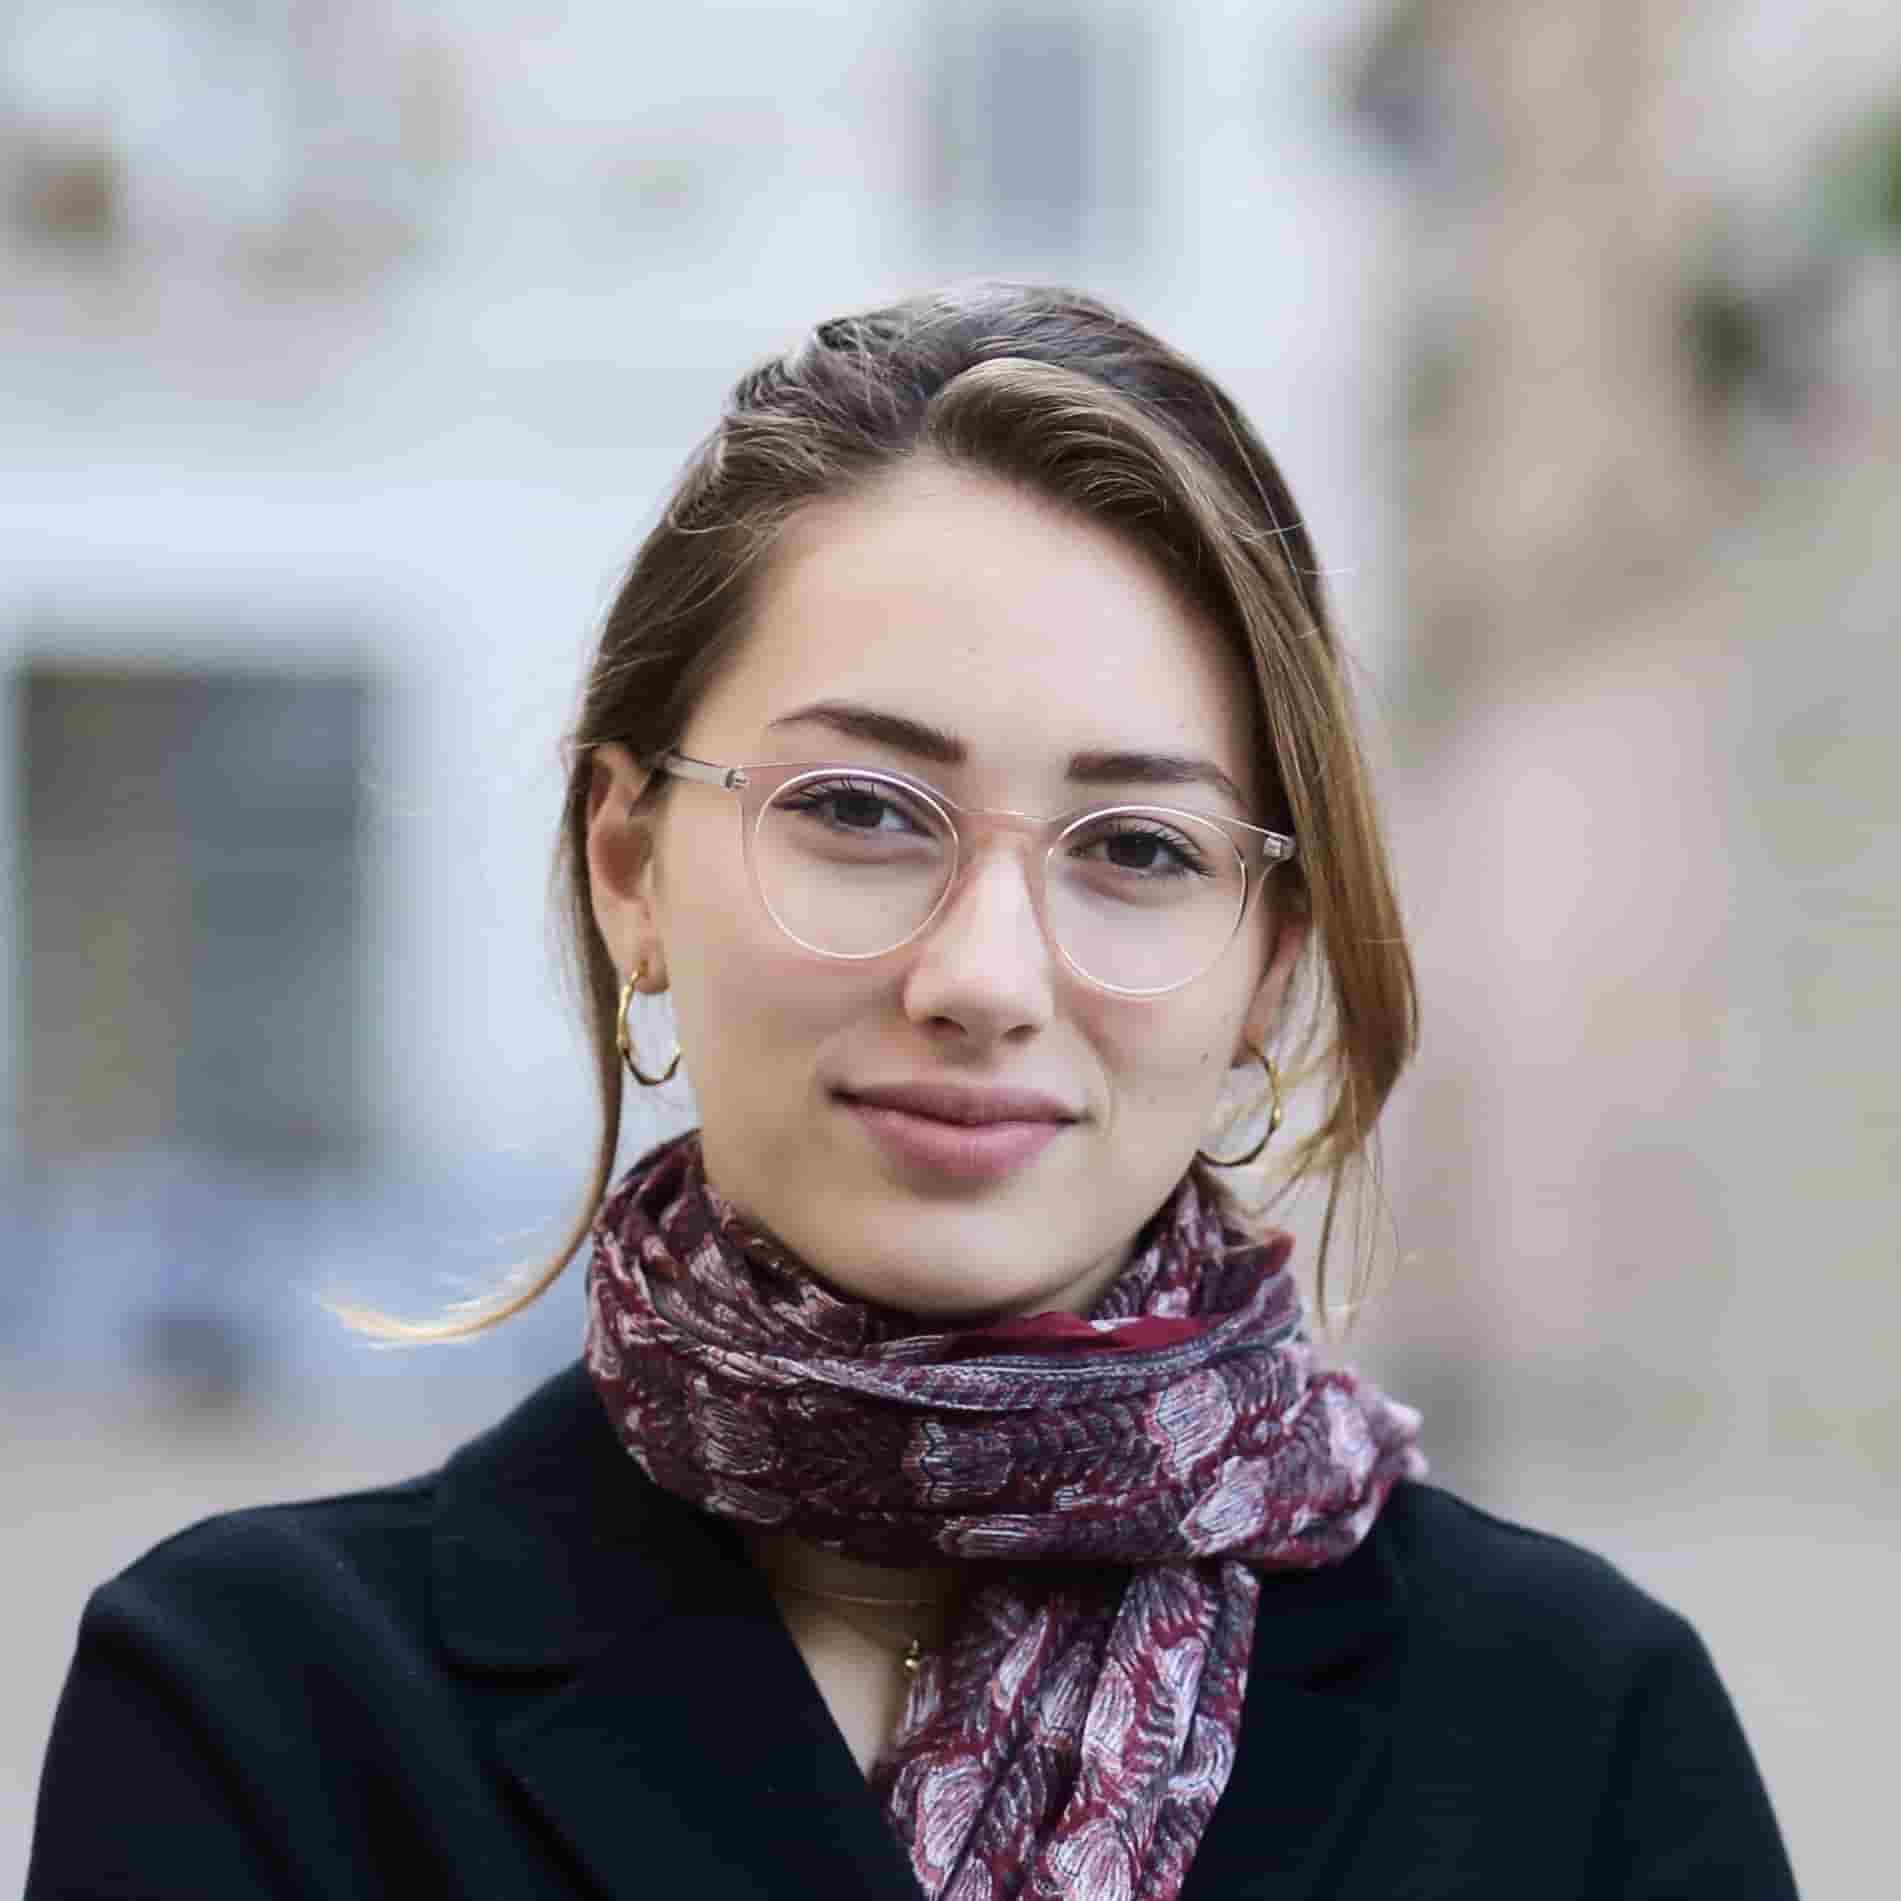 Sophie Spiegelberger